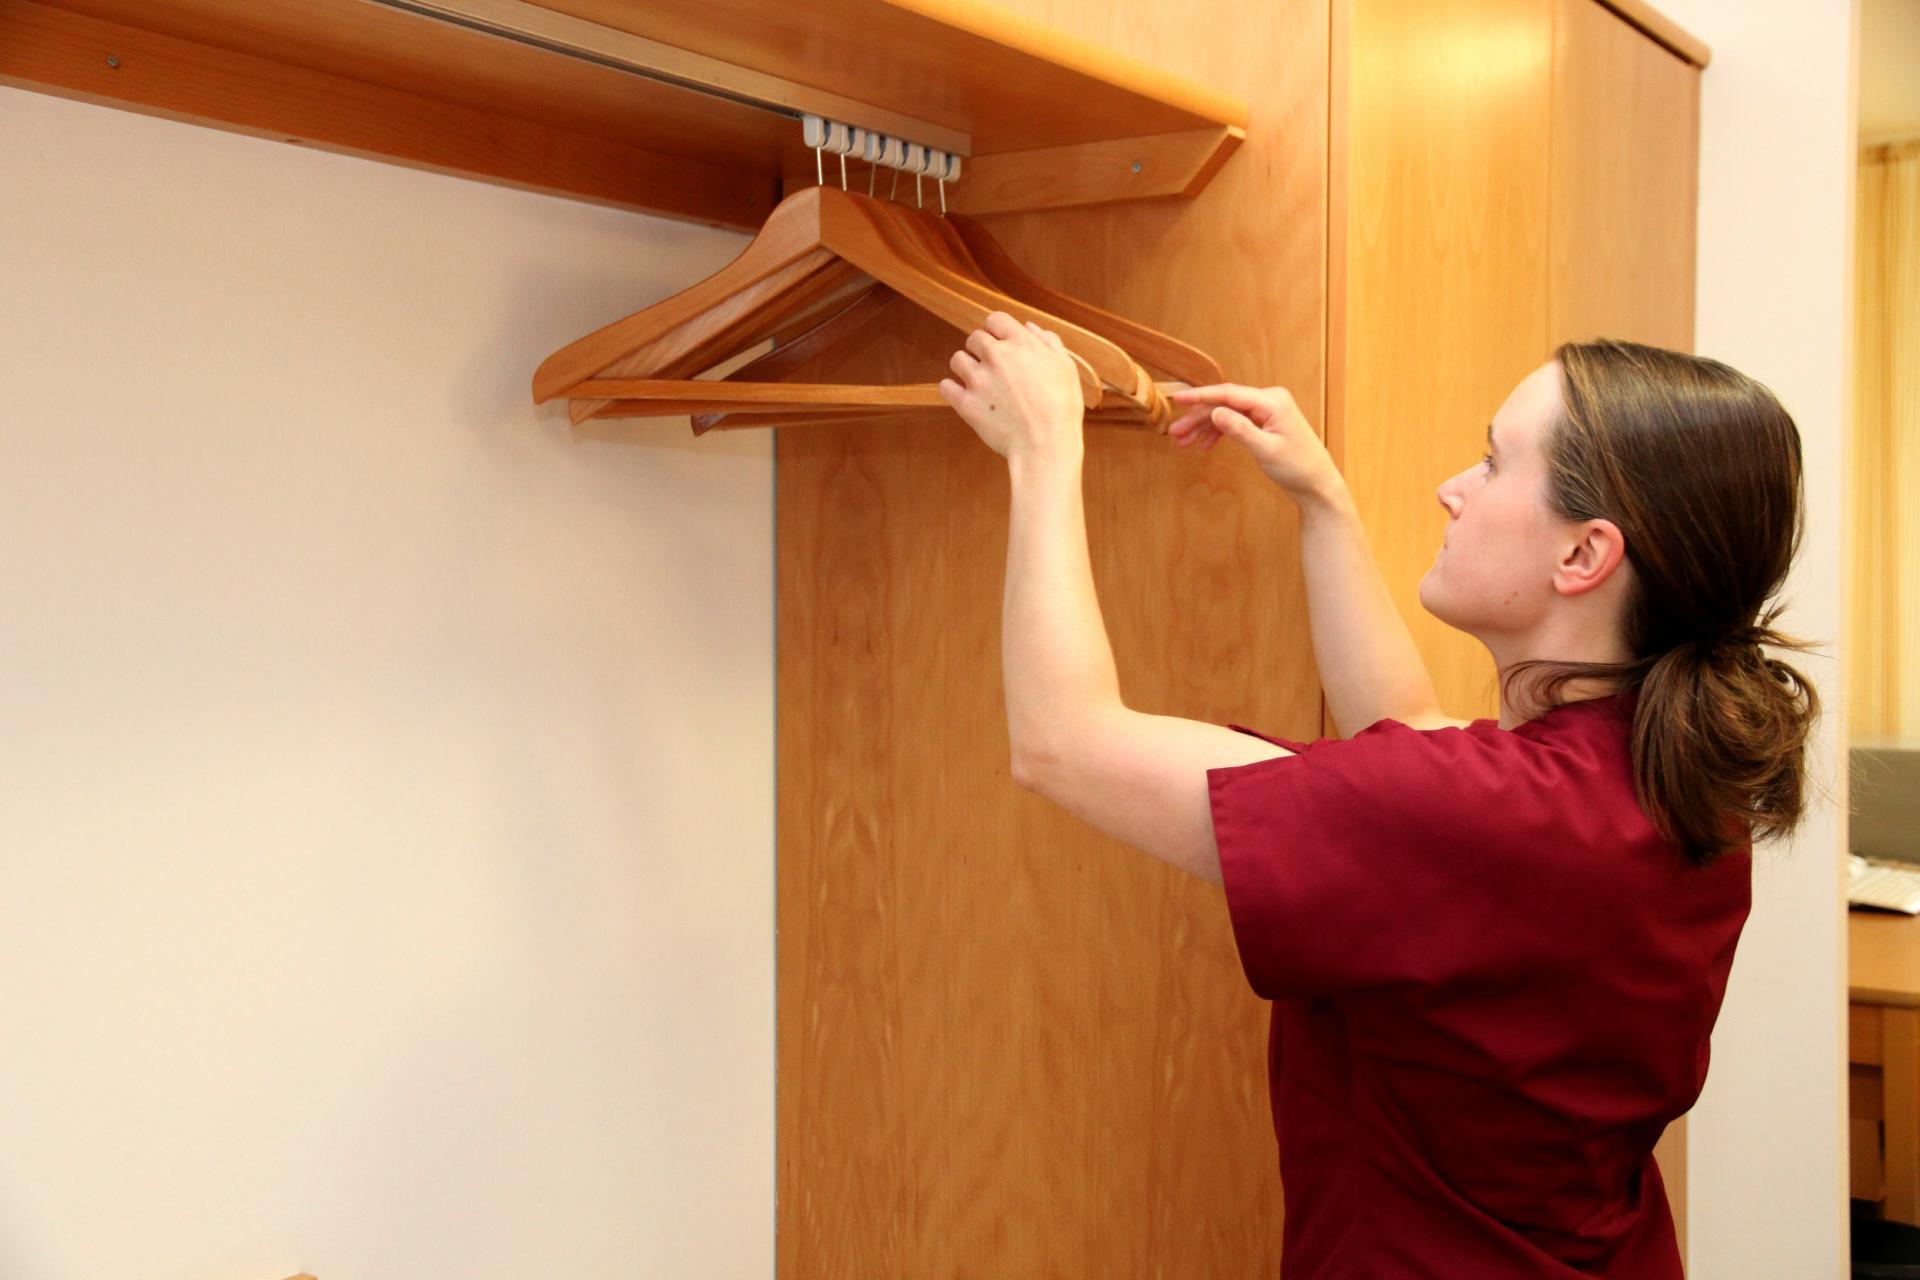 """""""Alle Kleiderbügel der Garderobe müssen in eine Richtung zeigen"""", sagt Michaela Dressel, die bei ihrer Arbeit viele Details beachten muss. Eine Herausforderung für die Frau mit Lernbehinderung."""